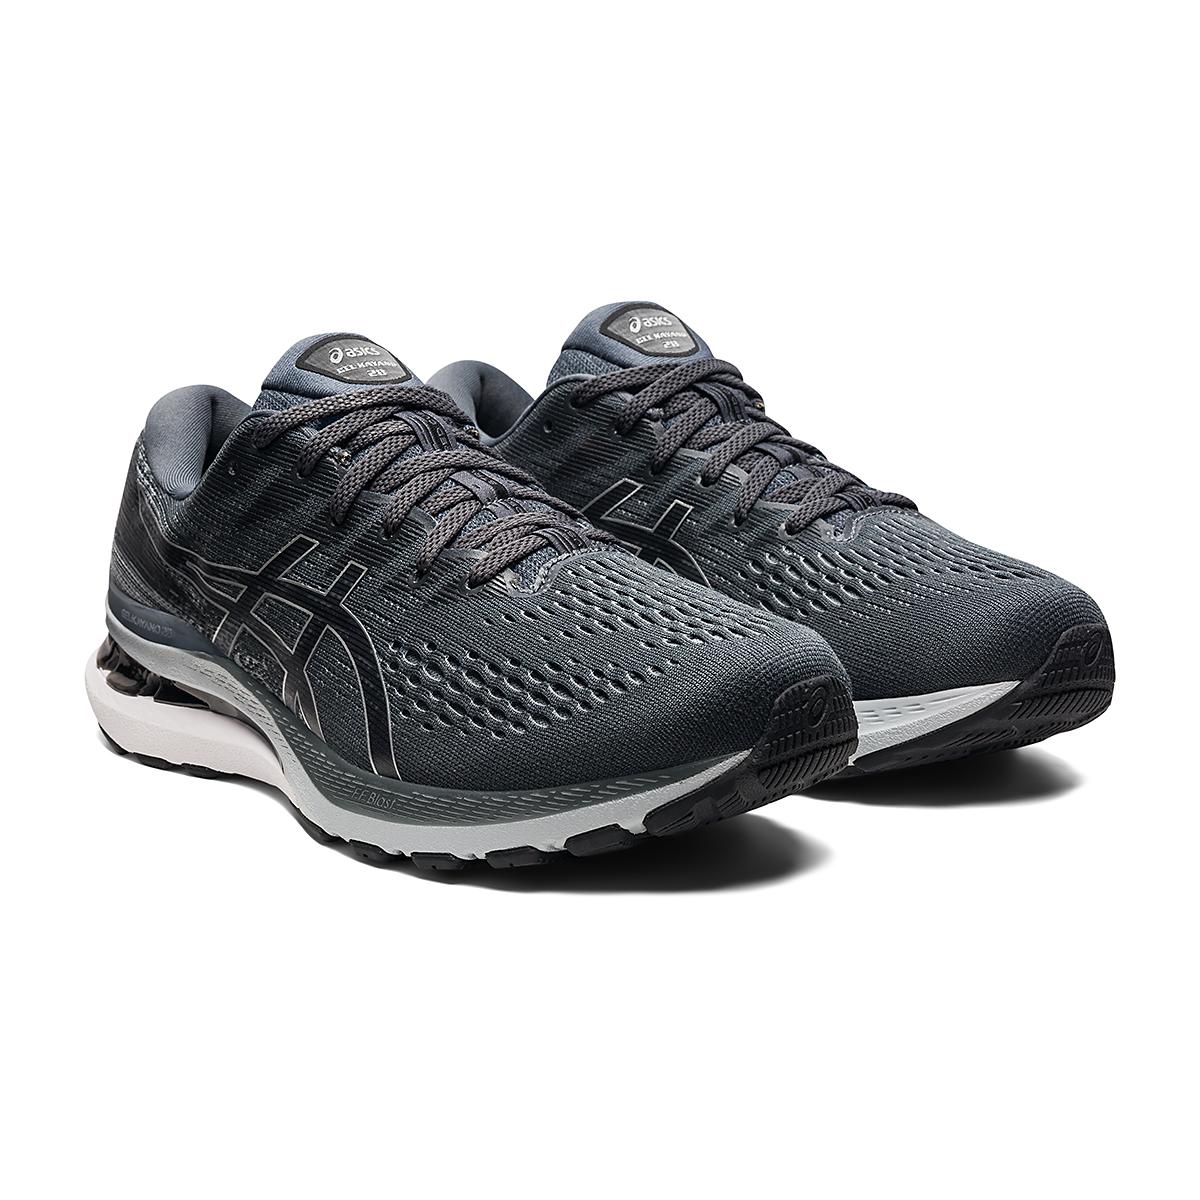 Men's Asics Gel-Kayano 28 Running Shoe - Color: Carrier Grey/Black - Size: 7 - Width: Wide, Carrier Grey/Black, large, image 3